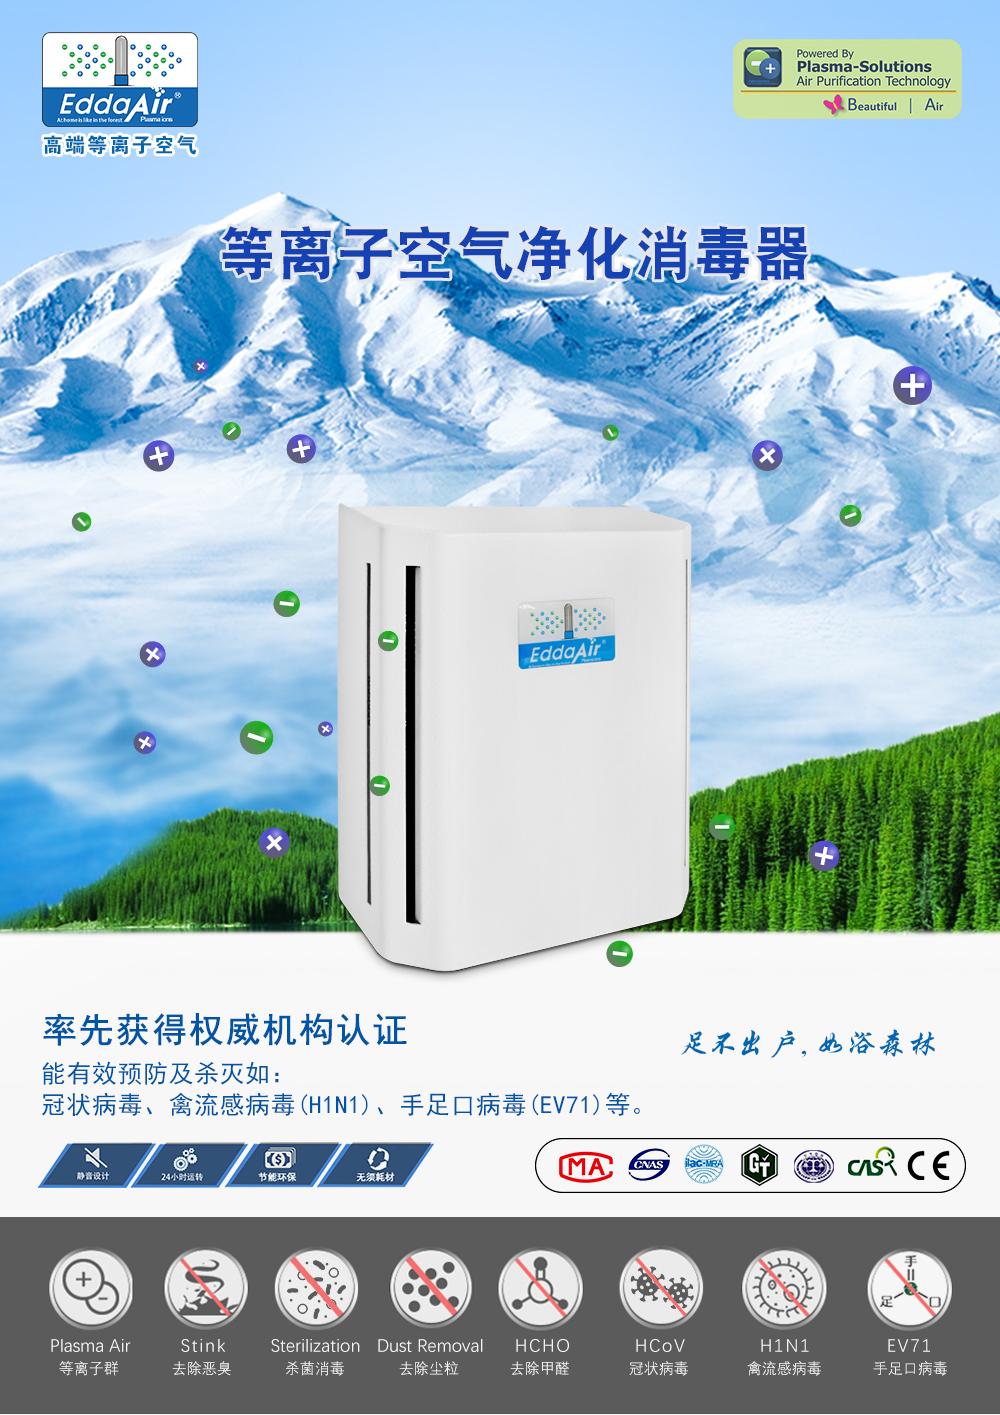 厕所等离子除臭机,能有效去除恶臭异味,杀菌消毒,除甲醛VOC,氨气等污染气体